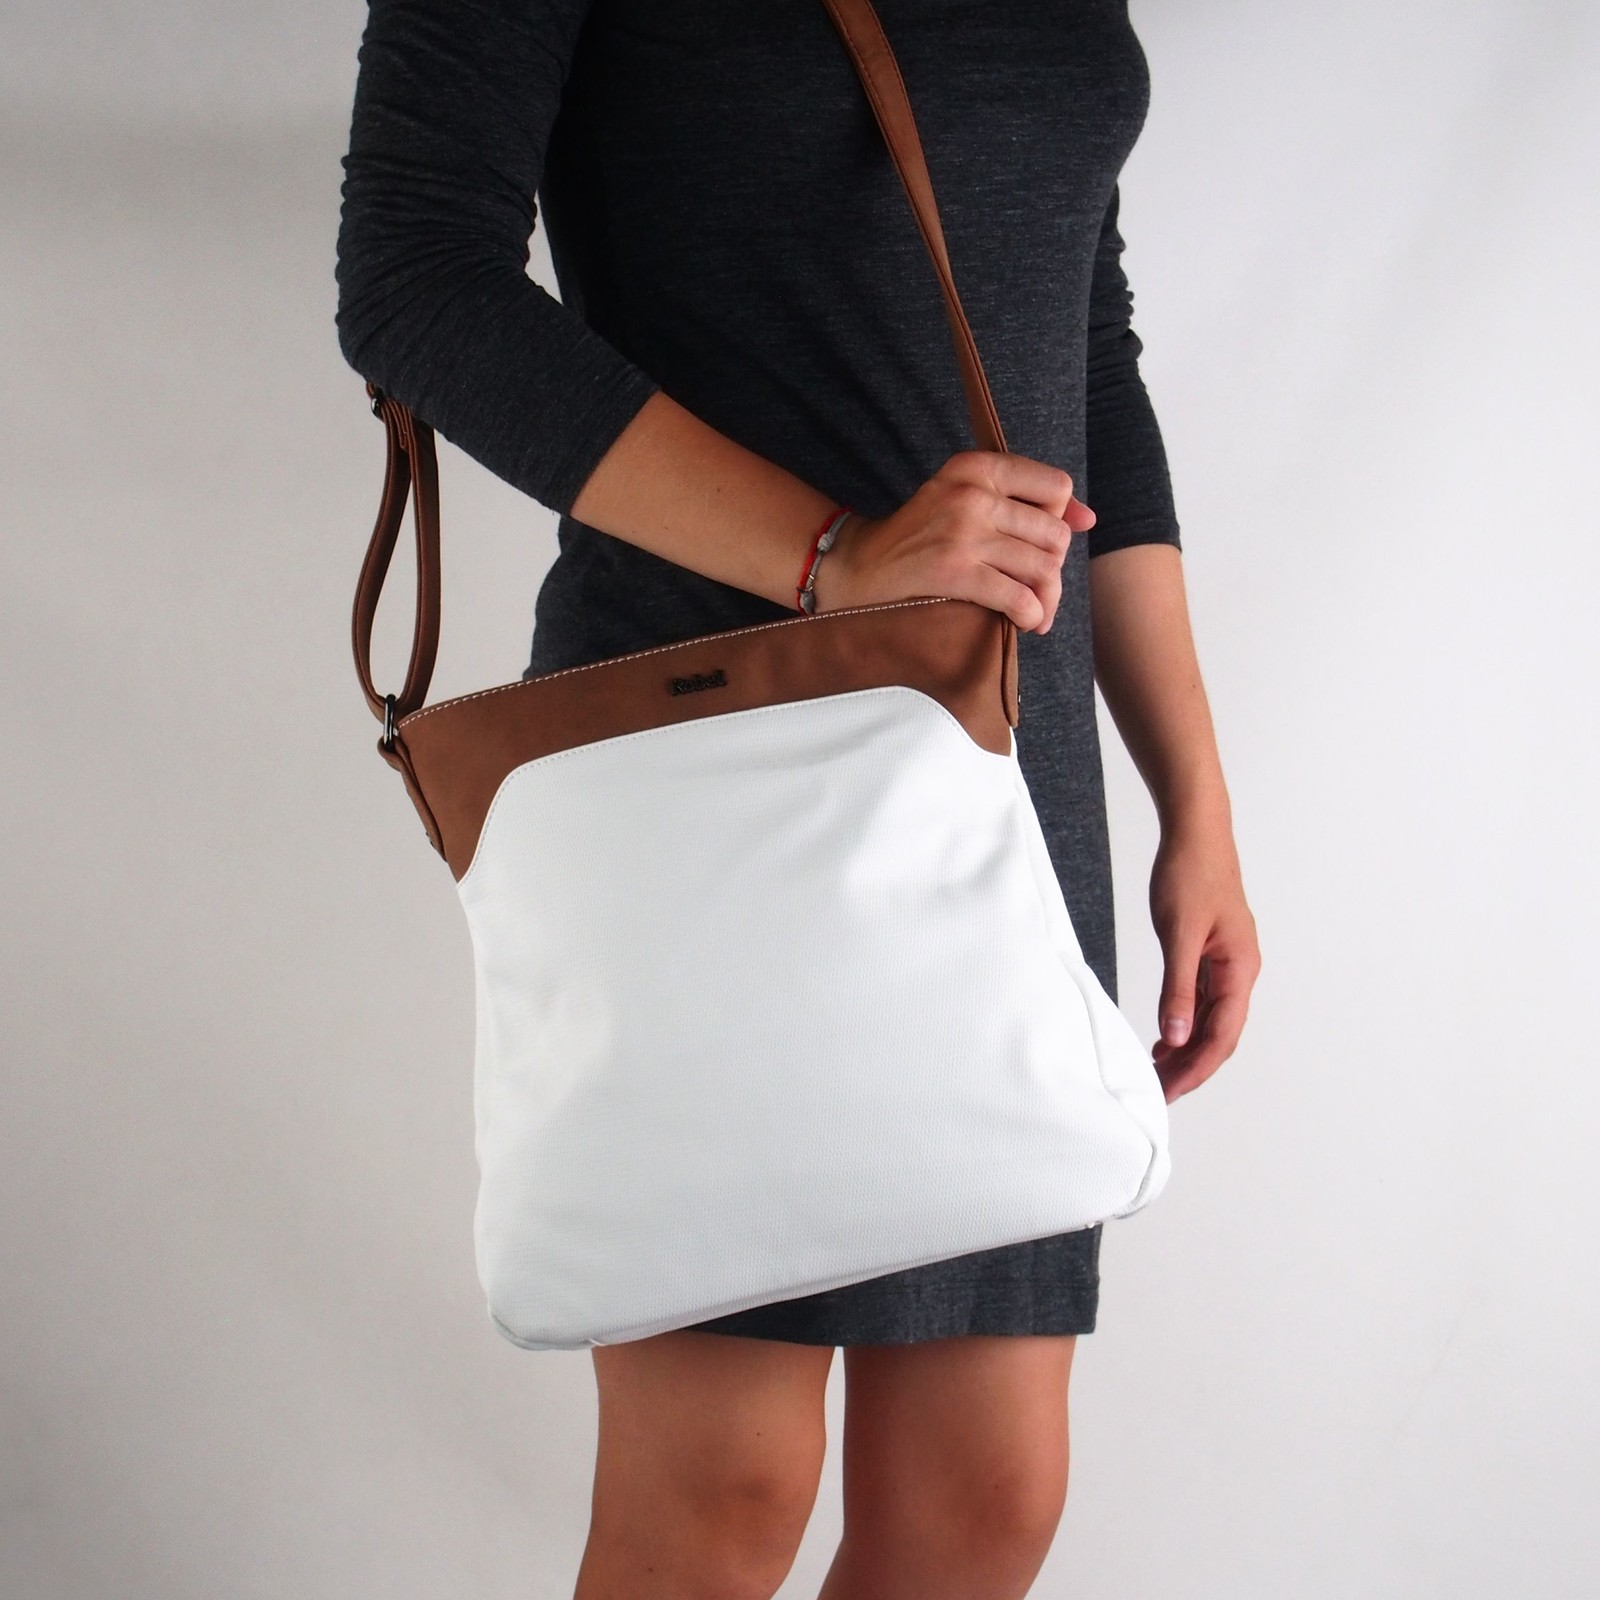 Robel dámská stylová crossbody kabelka - bílá